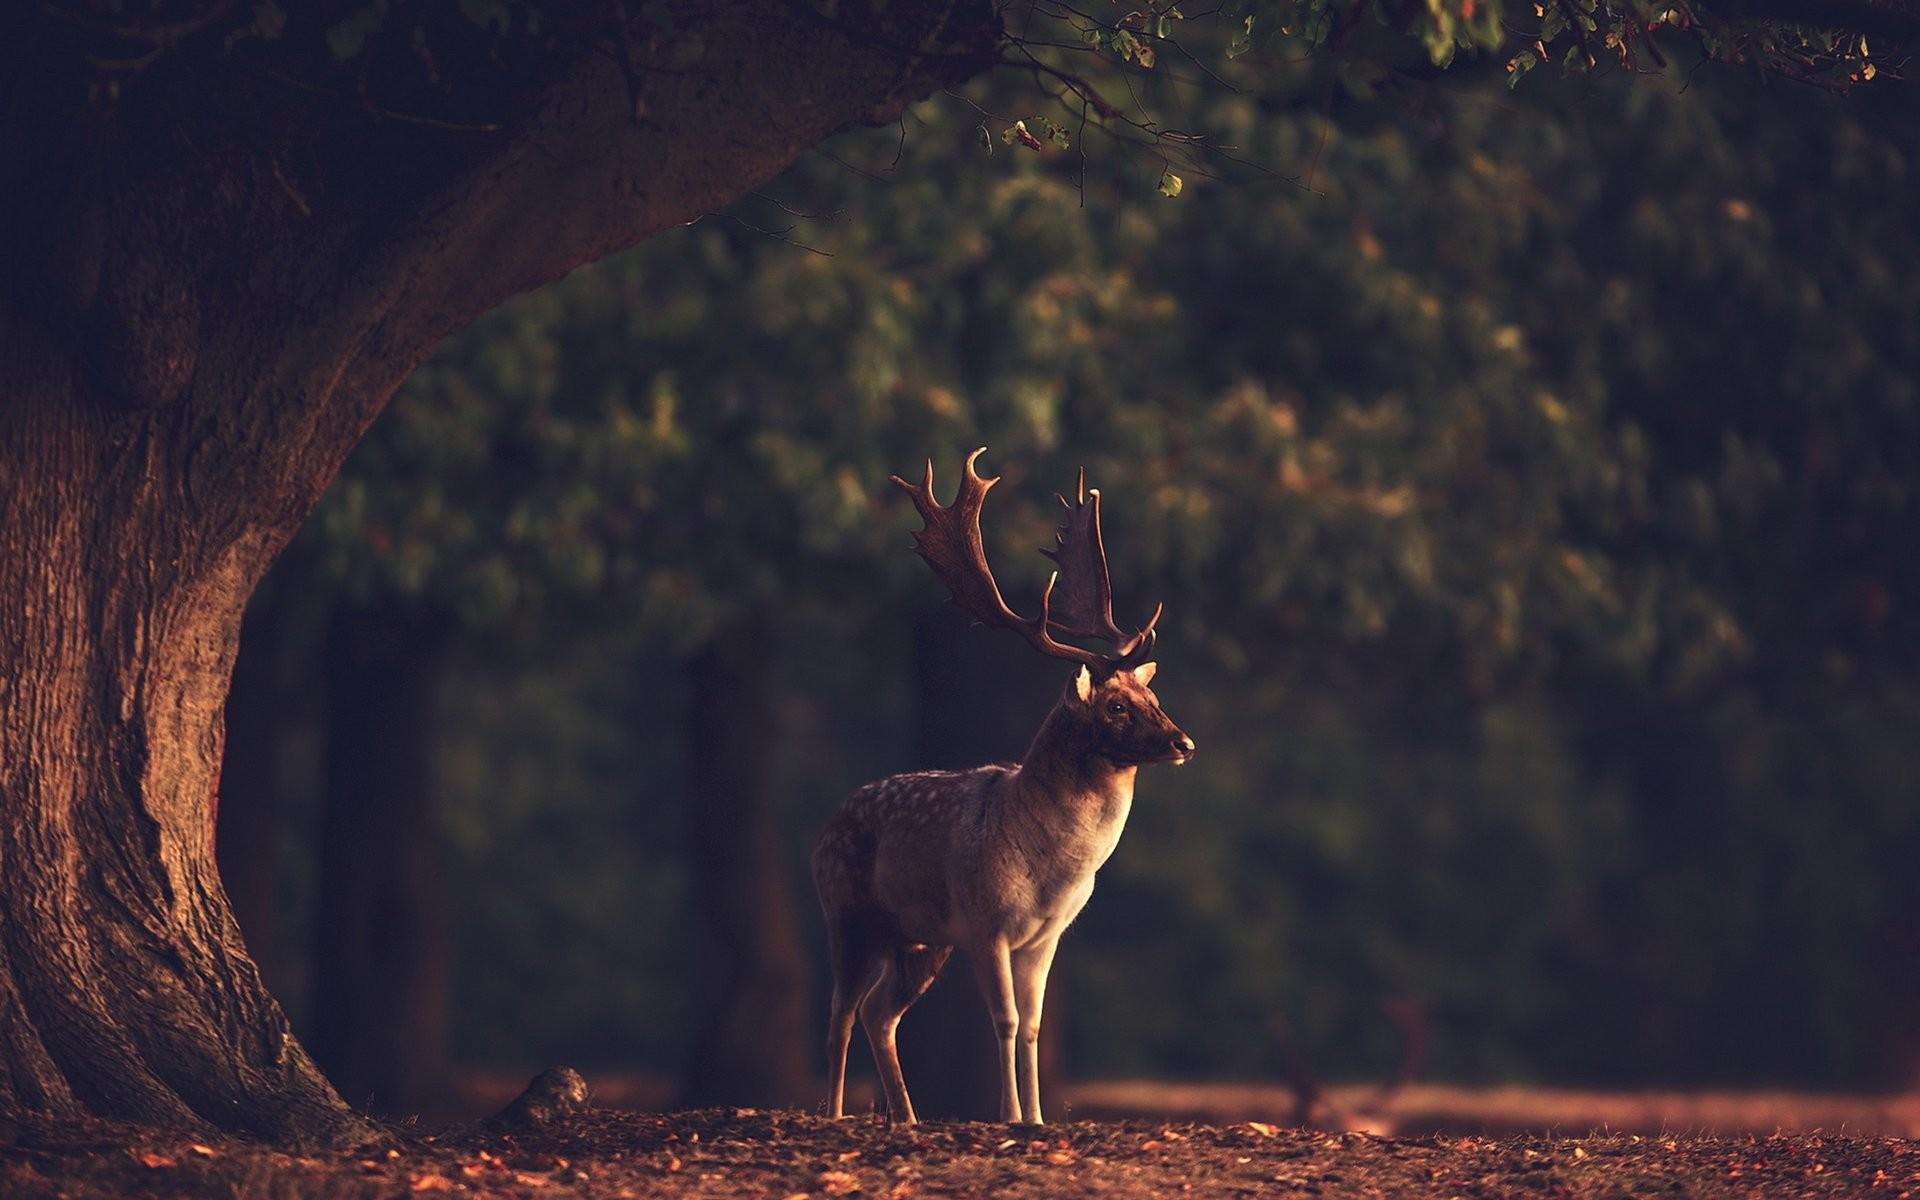 Sunset summer beauty beautiful tree animal deer forest nature landscape  wallpaper | | 801103 | WallpaperUP